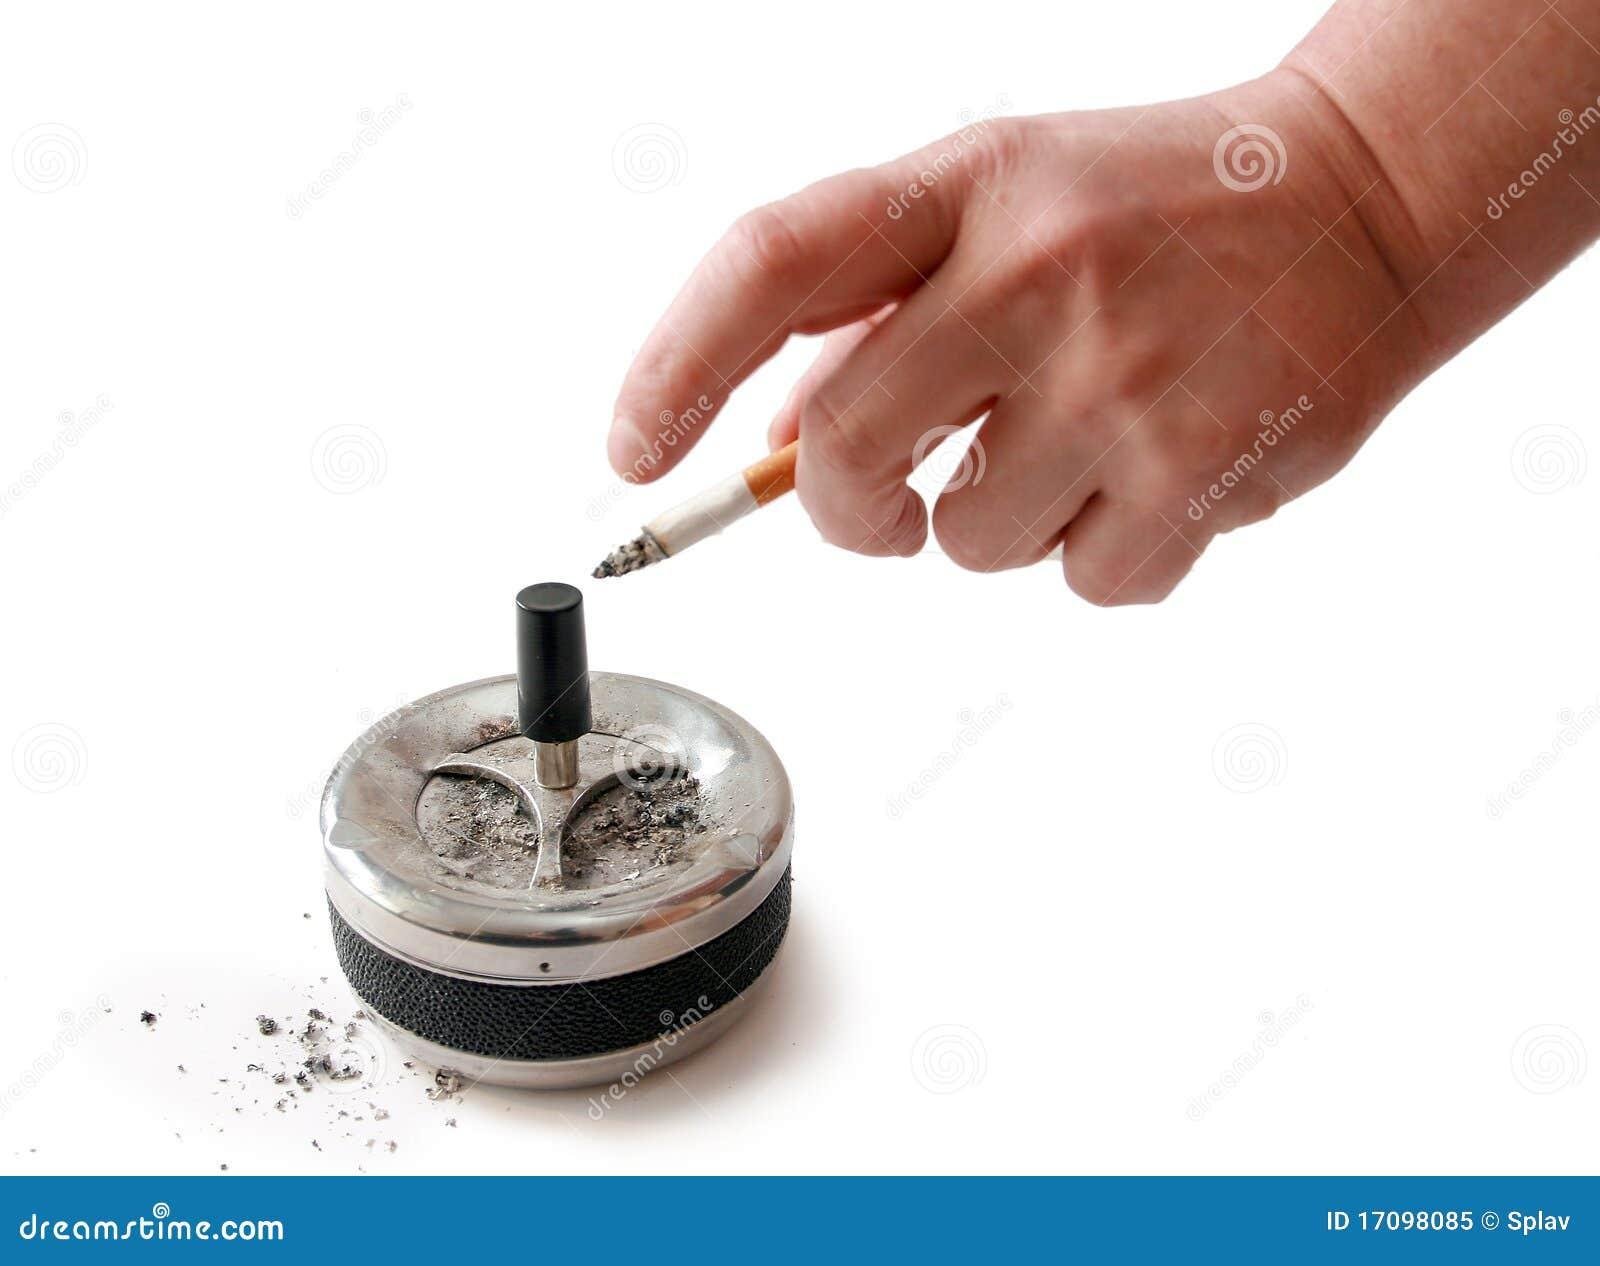 Сигарета в руке человека, Ashtray.